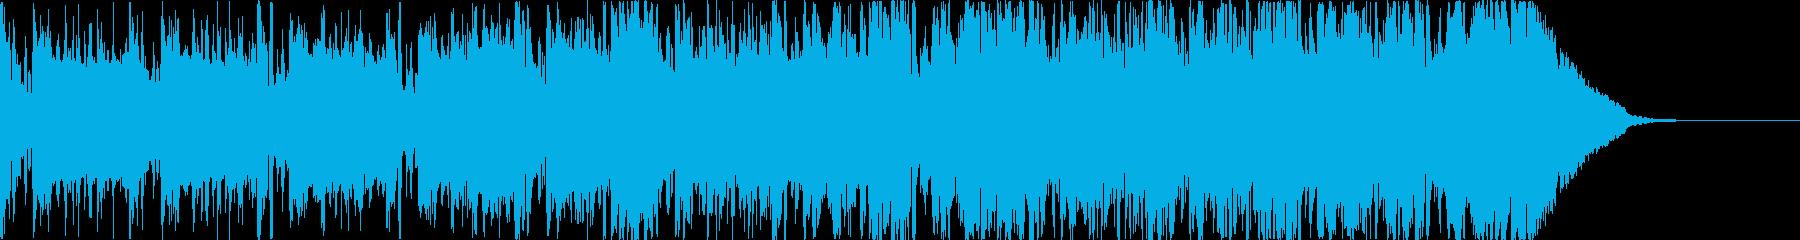 Pf「侵食」和風現代ジャズの再生済みの波形